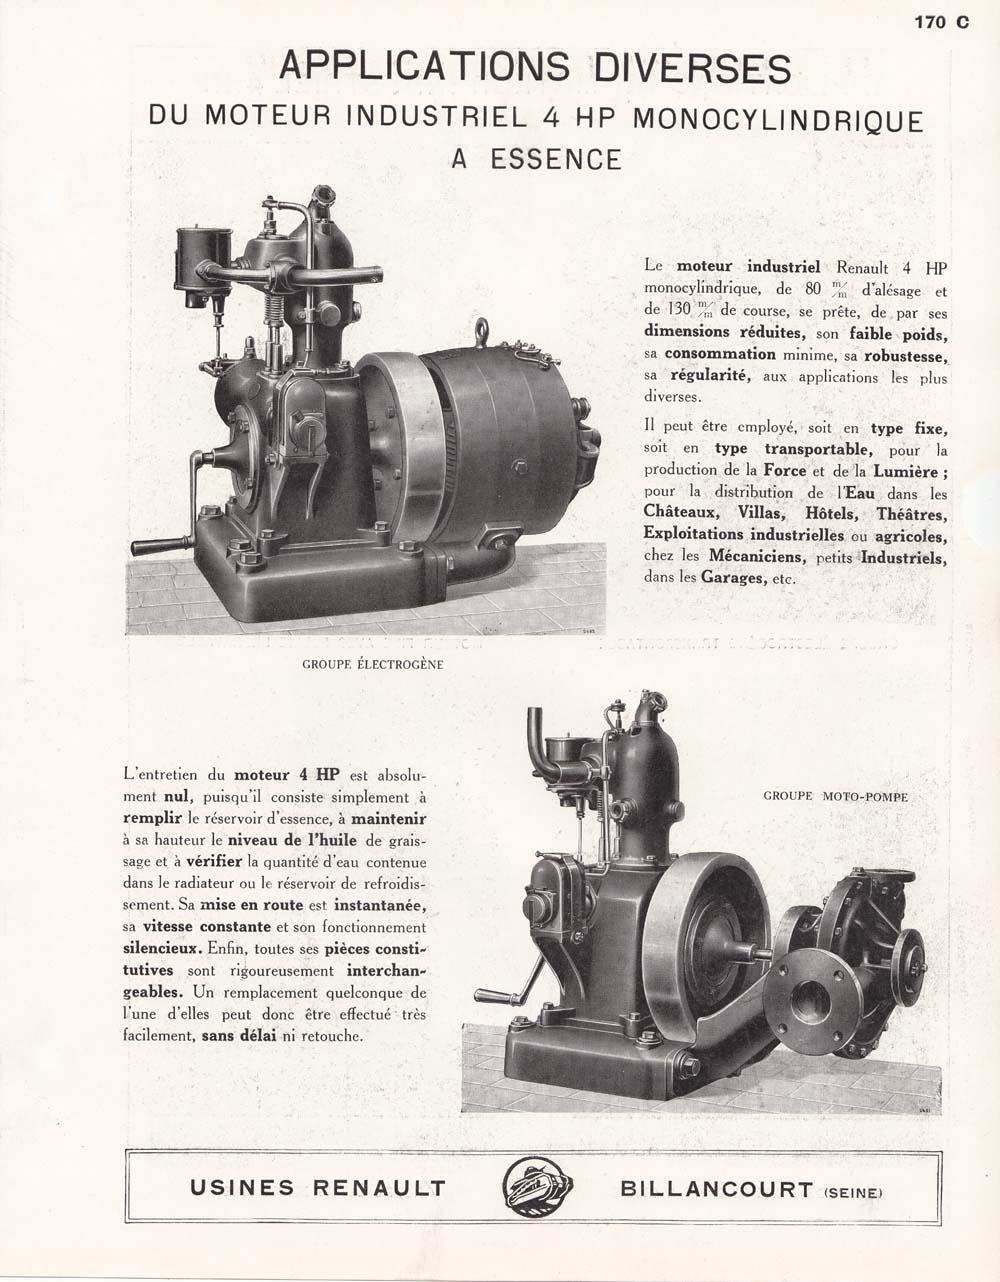 RENAULT - Un moteur Renault de Billancourt  Moteur12